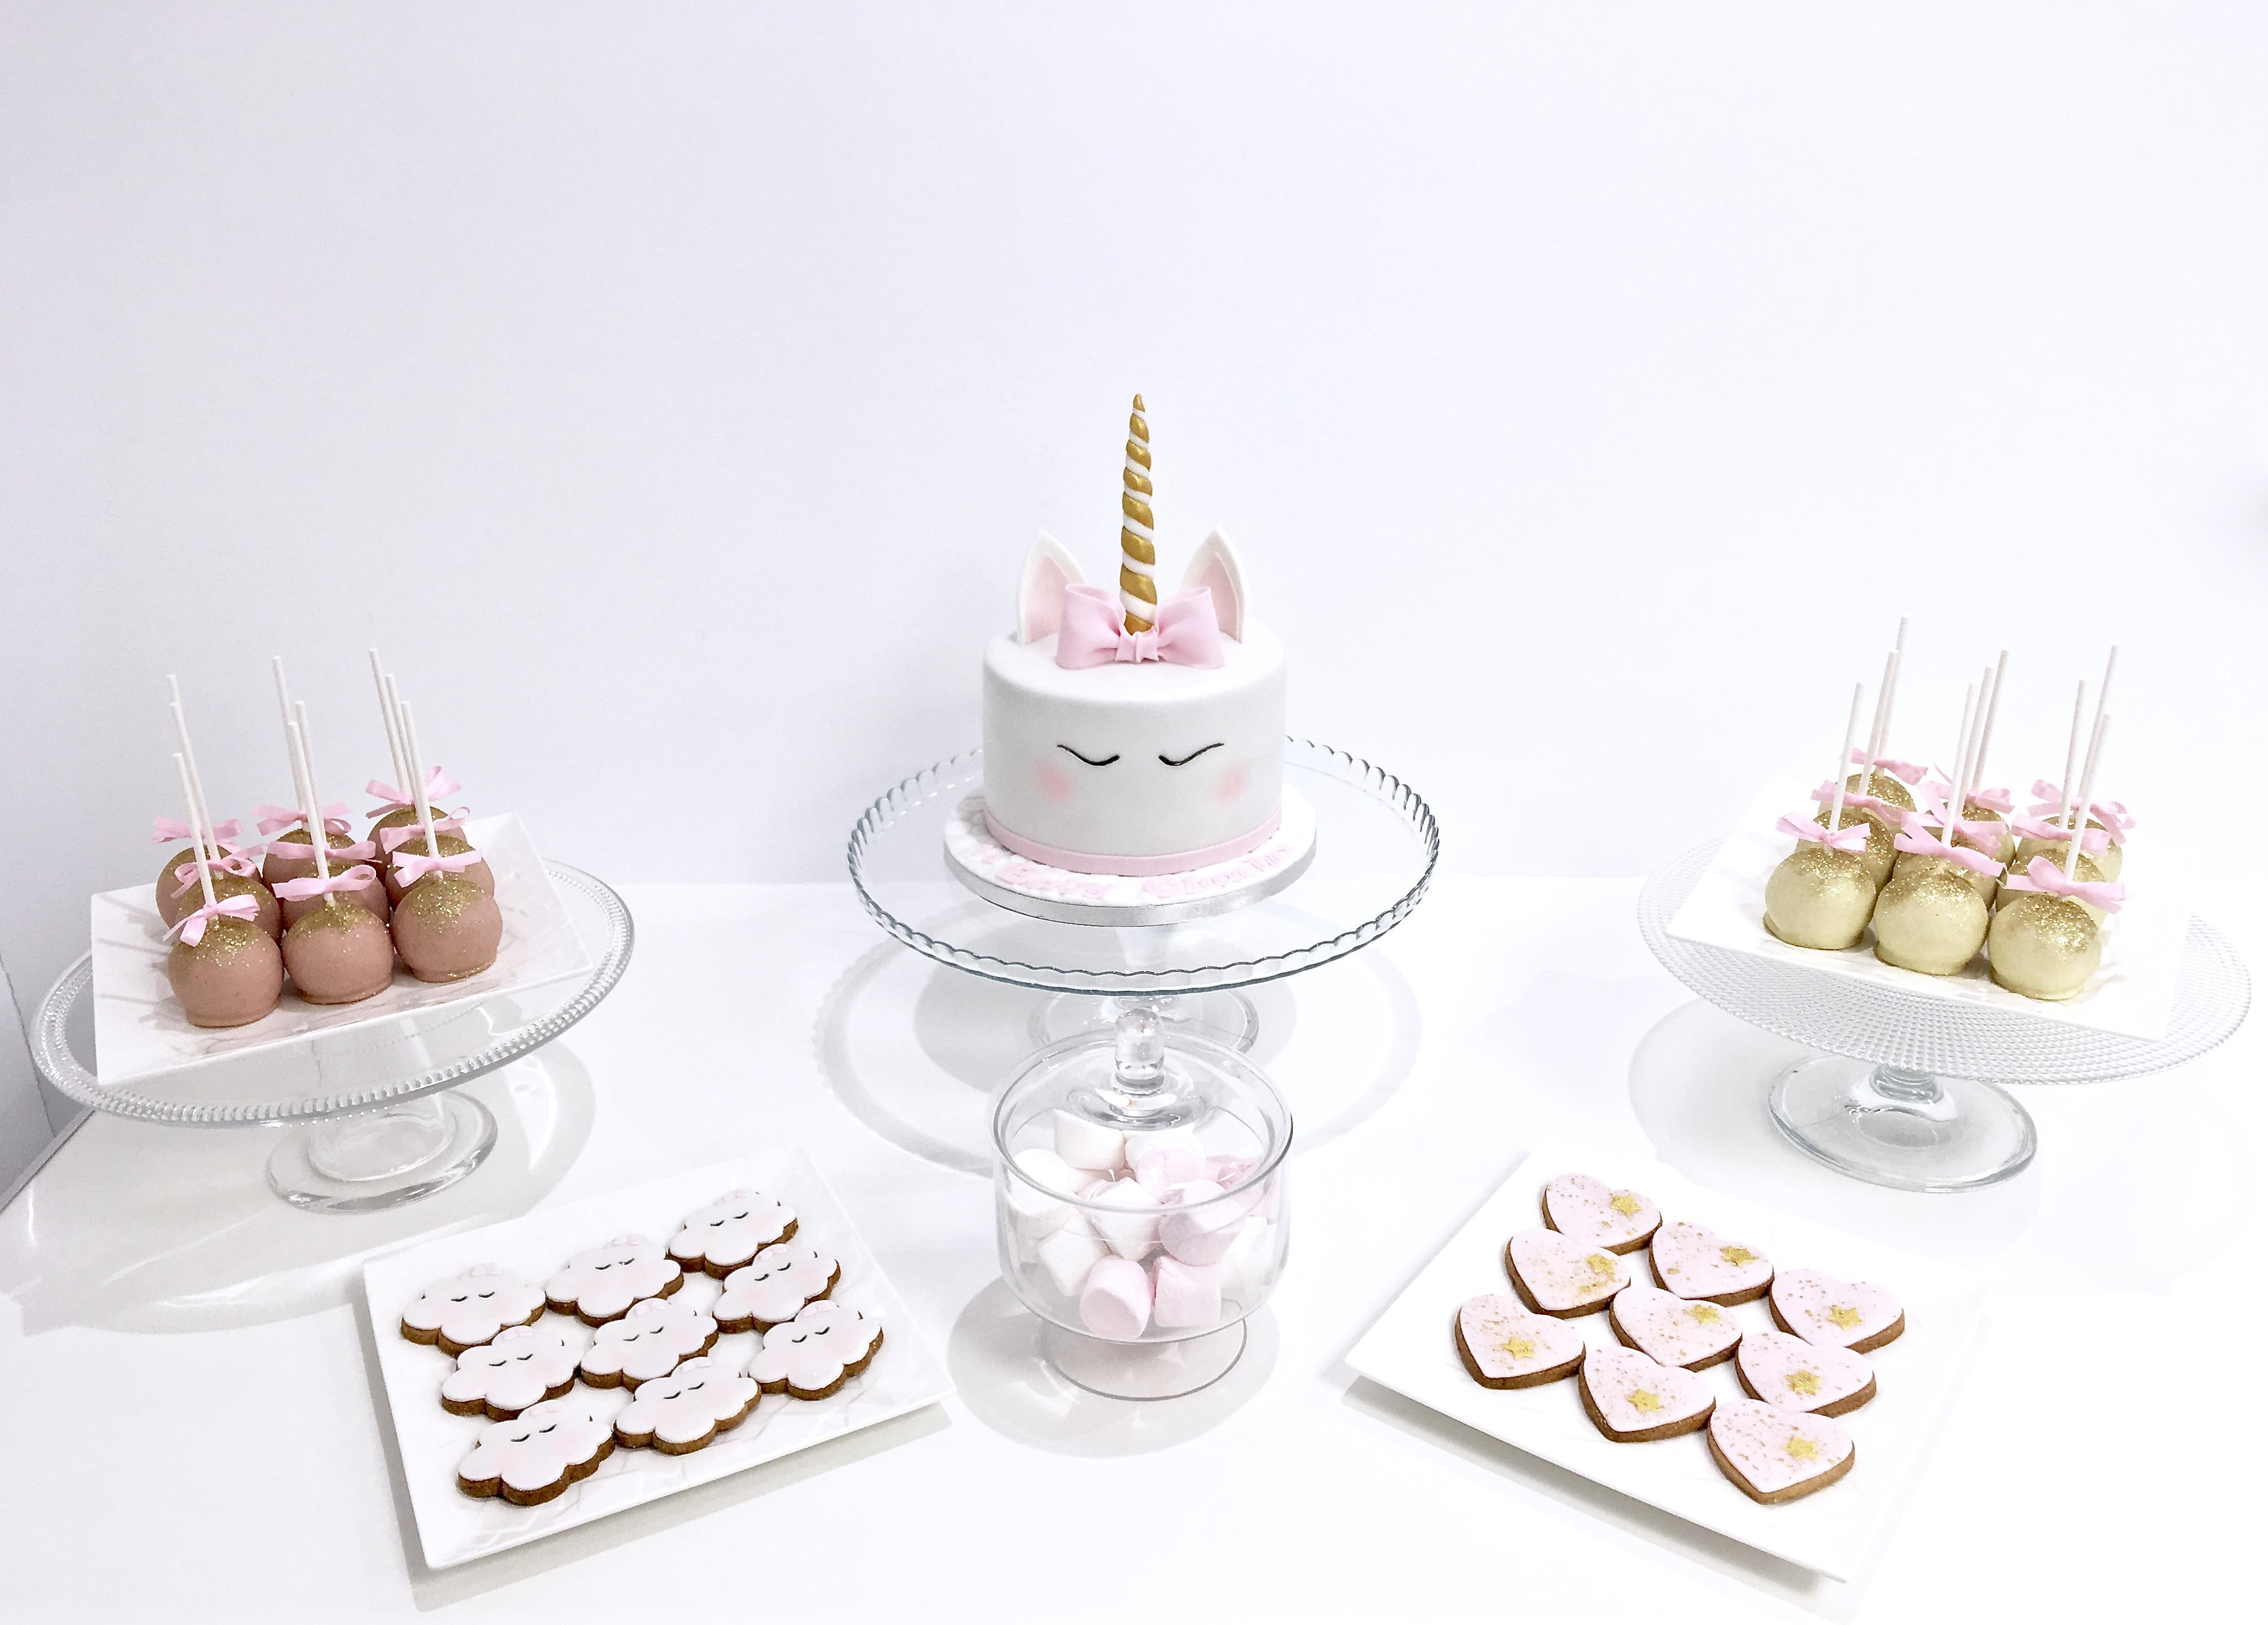 Gâteaux individuels personnalisés Anniversaire - Sablés décorés et Popcakes Thème licorne et nuages